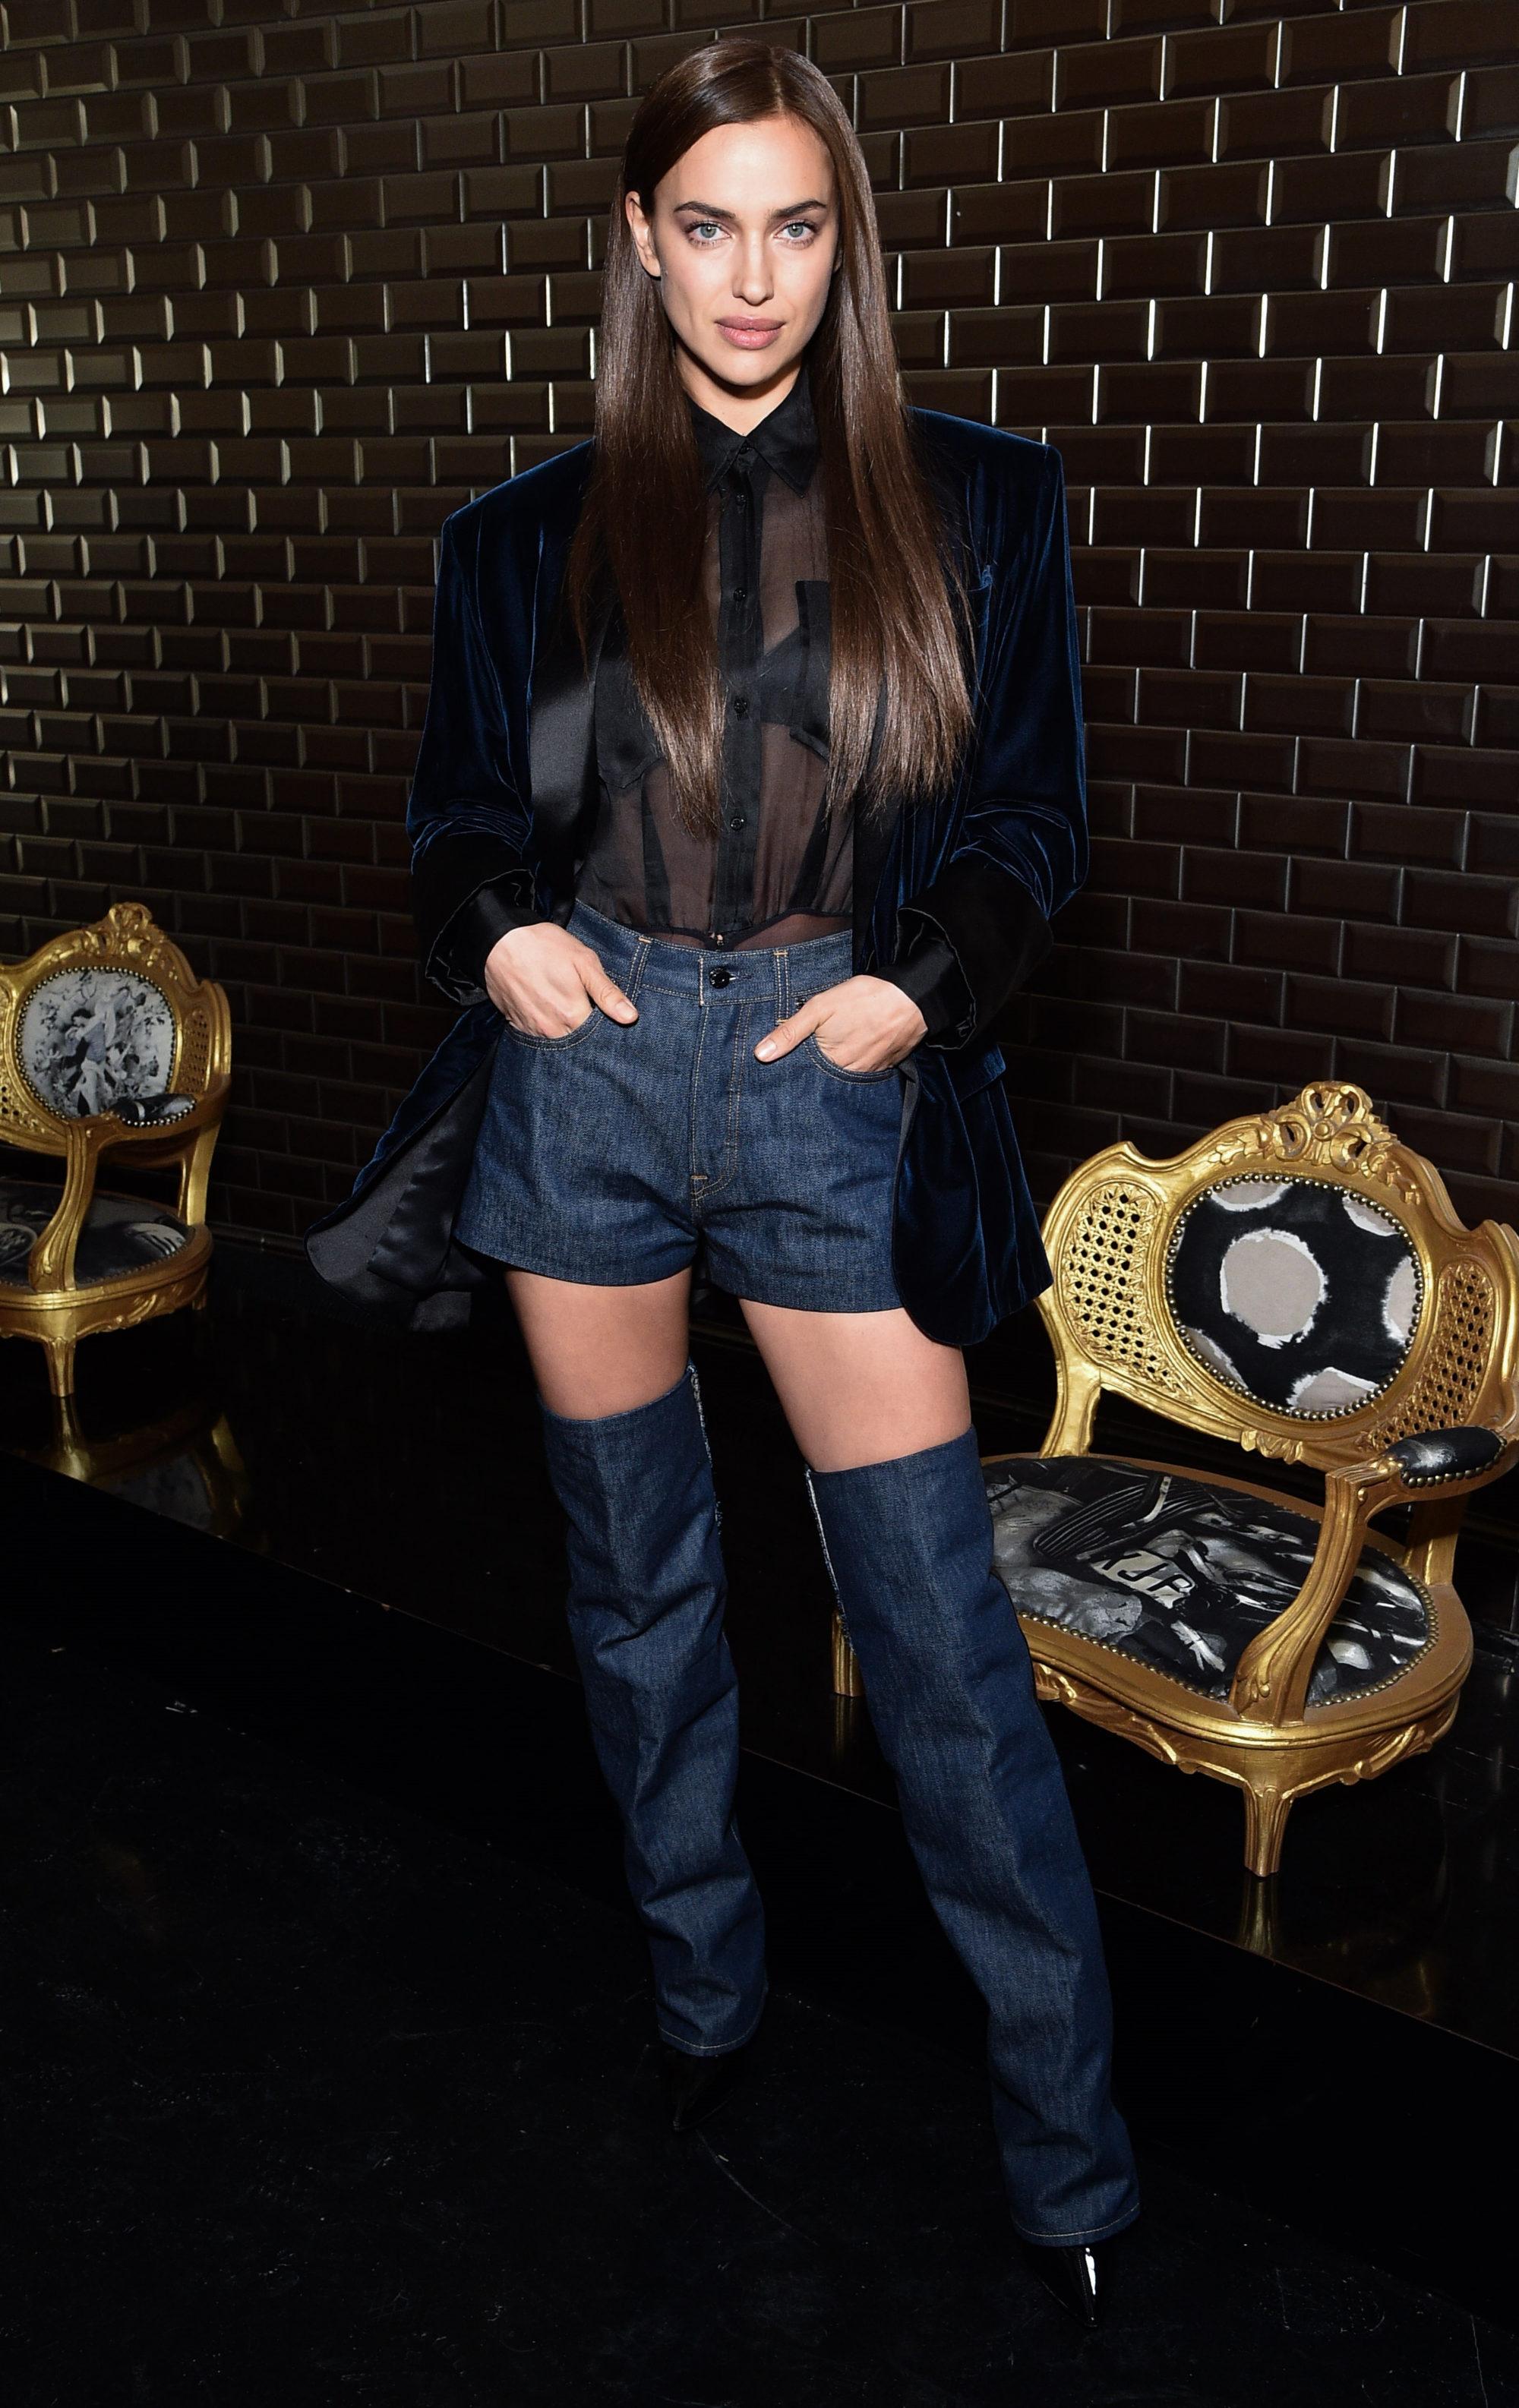 Dàn sao quốc tế đổ bộ Tuần lễ Thời trang Haute Couture Xuân - Hè 2019 7